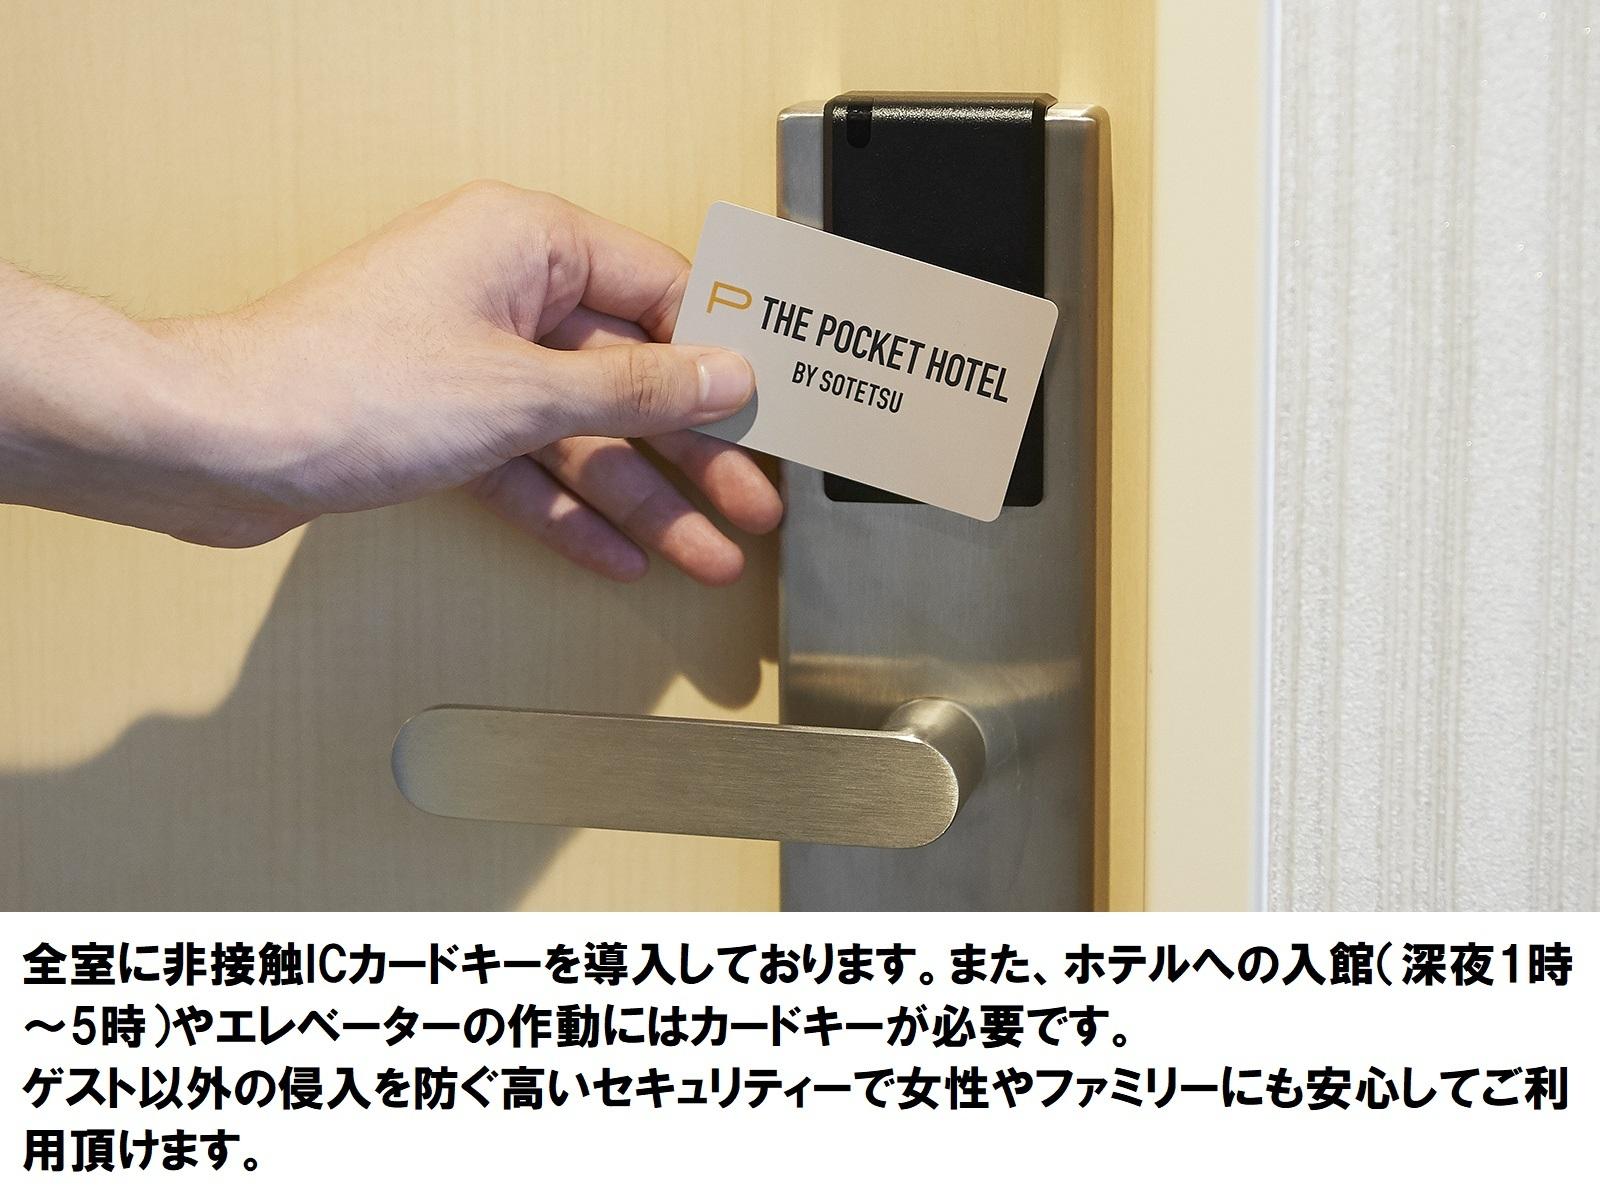 ザ・ポケットホテル 京都烏丸五条 / 『女性専用』【早期割引】60日前までの予約がお得!